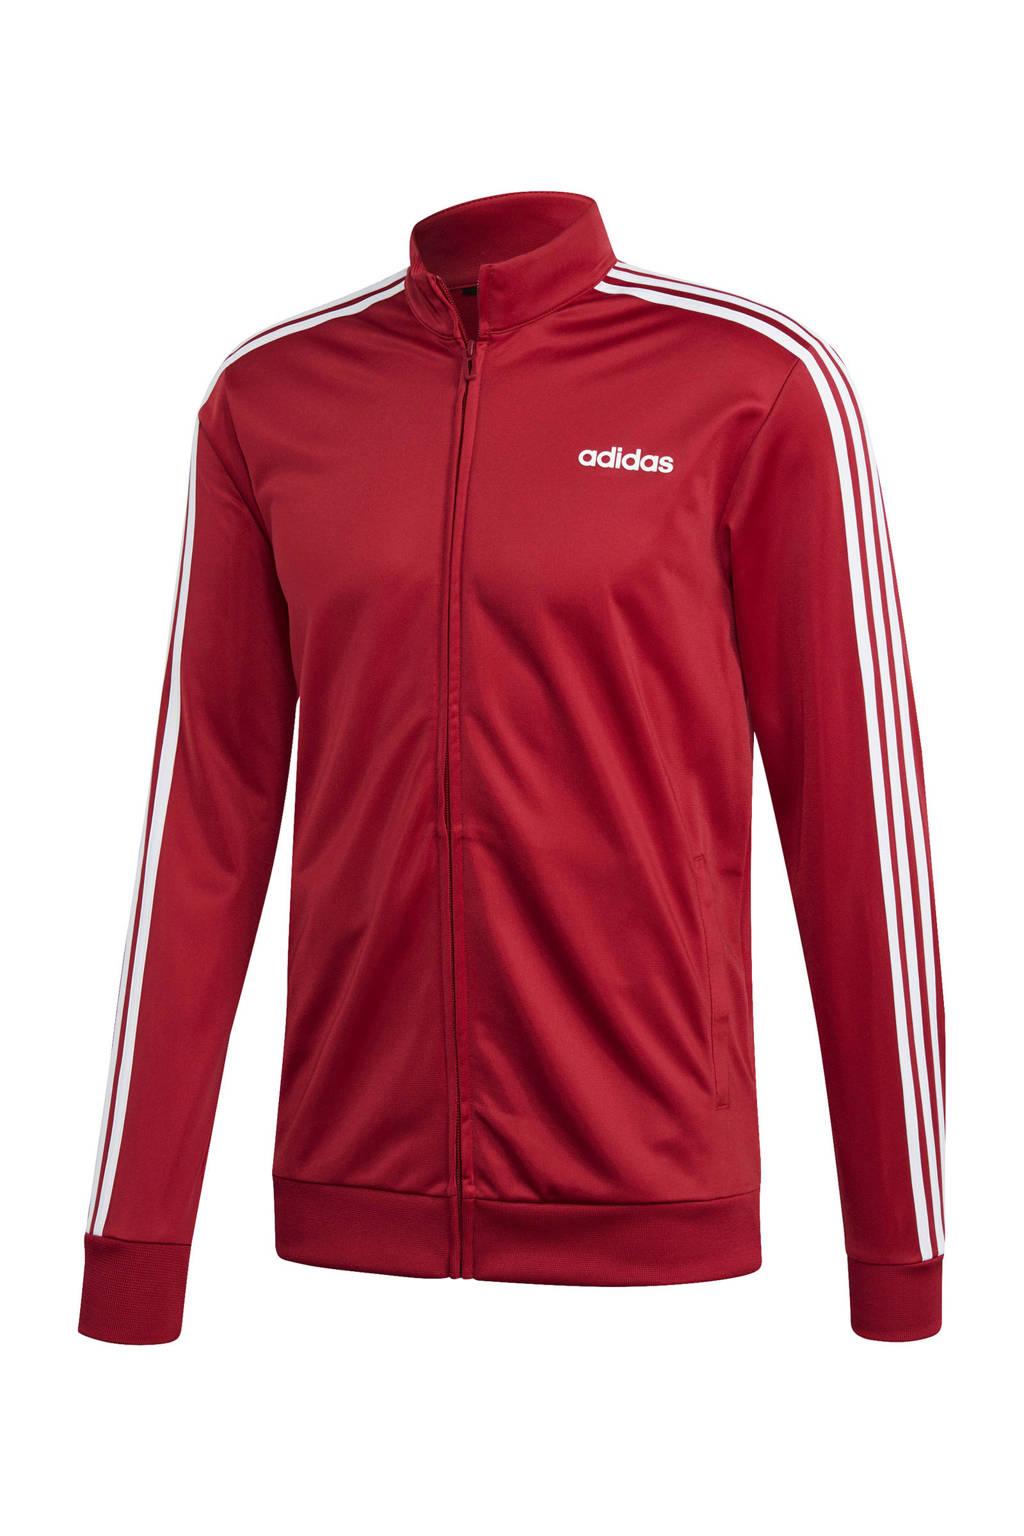 adidas Performance   sportvest rood, Rood